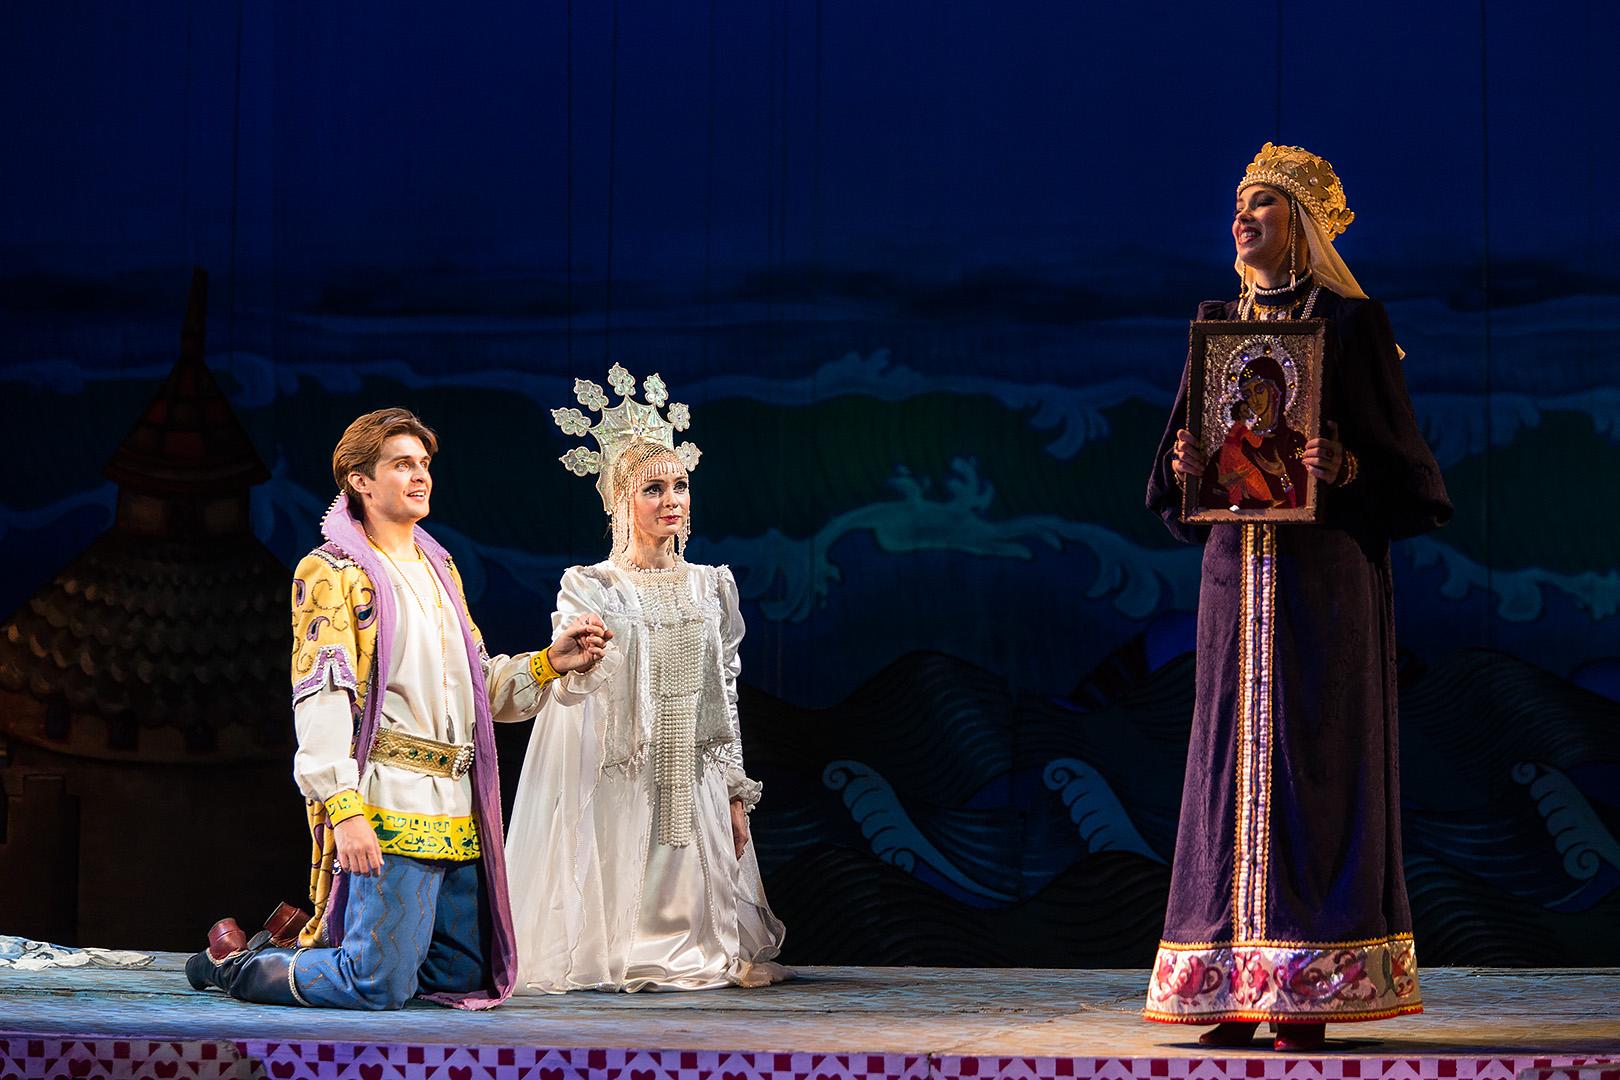 картинки на оперу о царе салтане итальянская